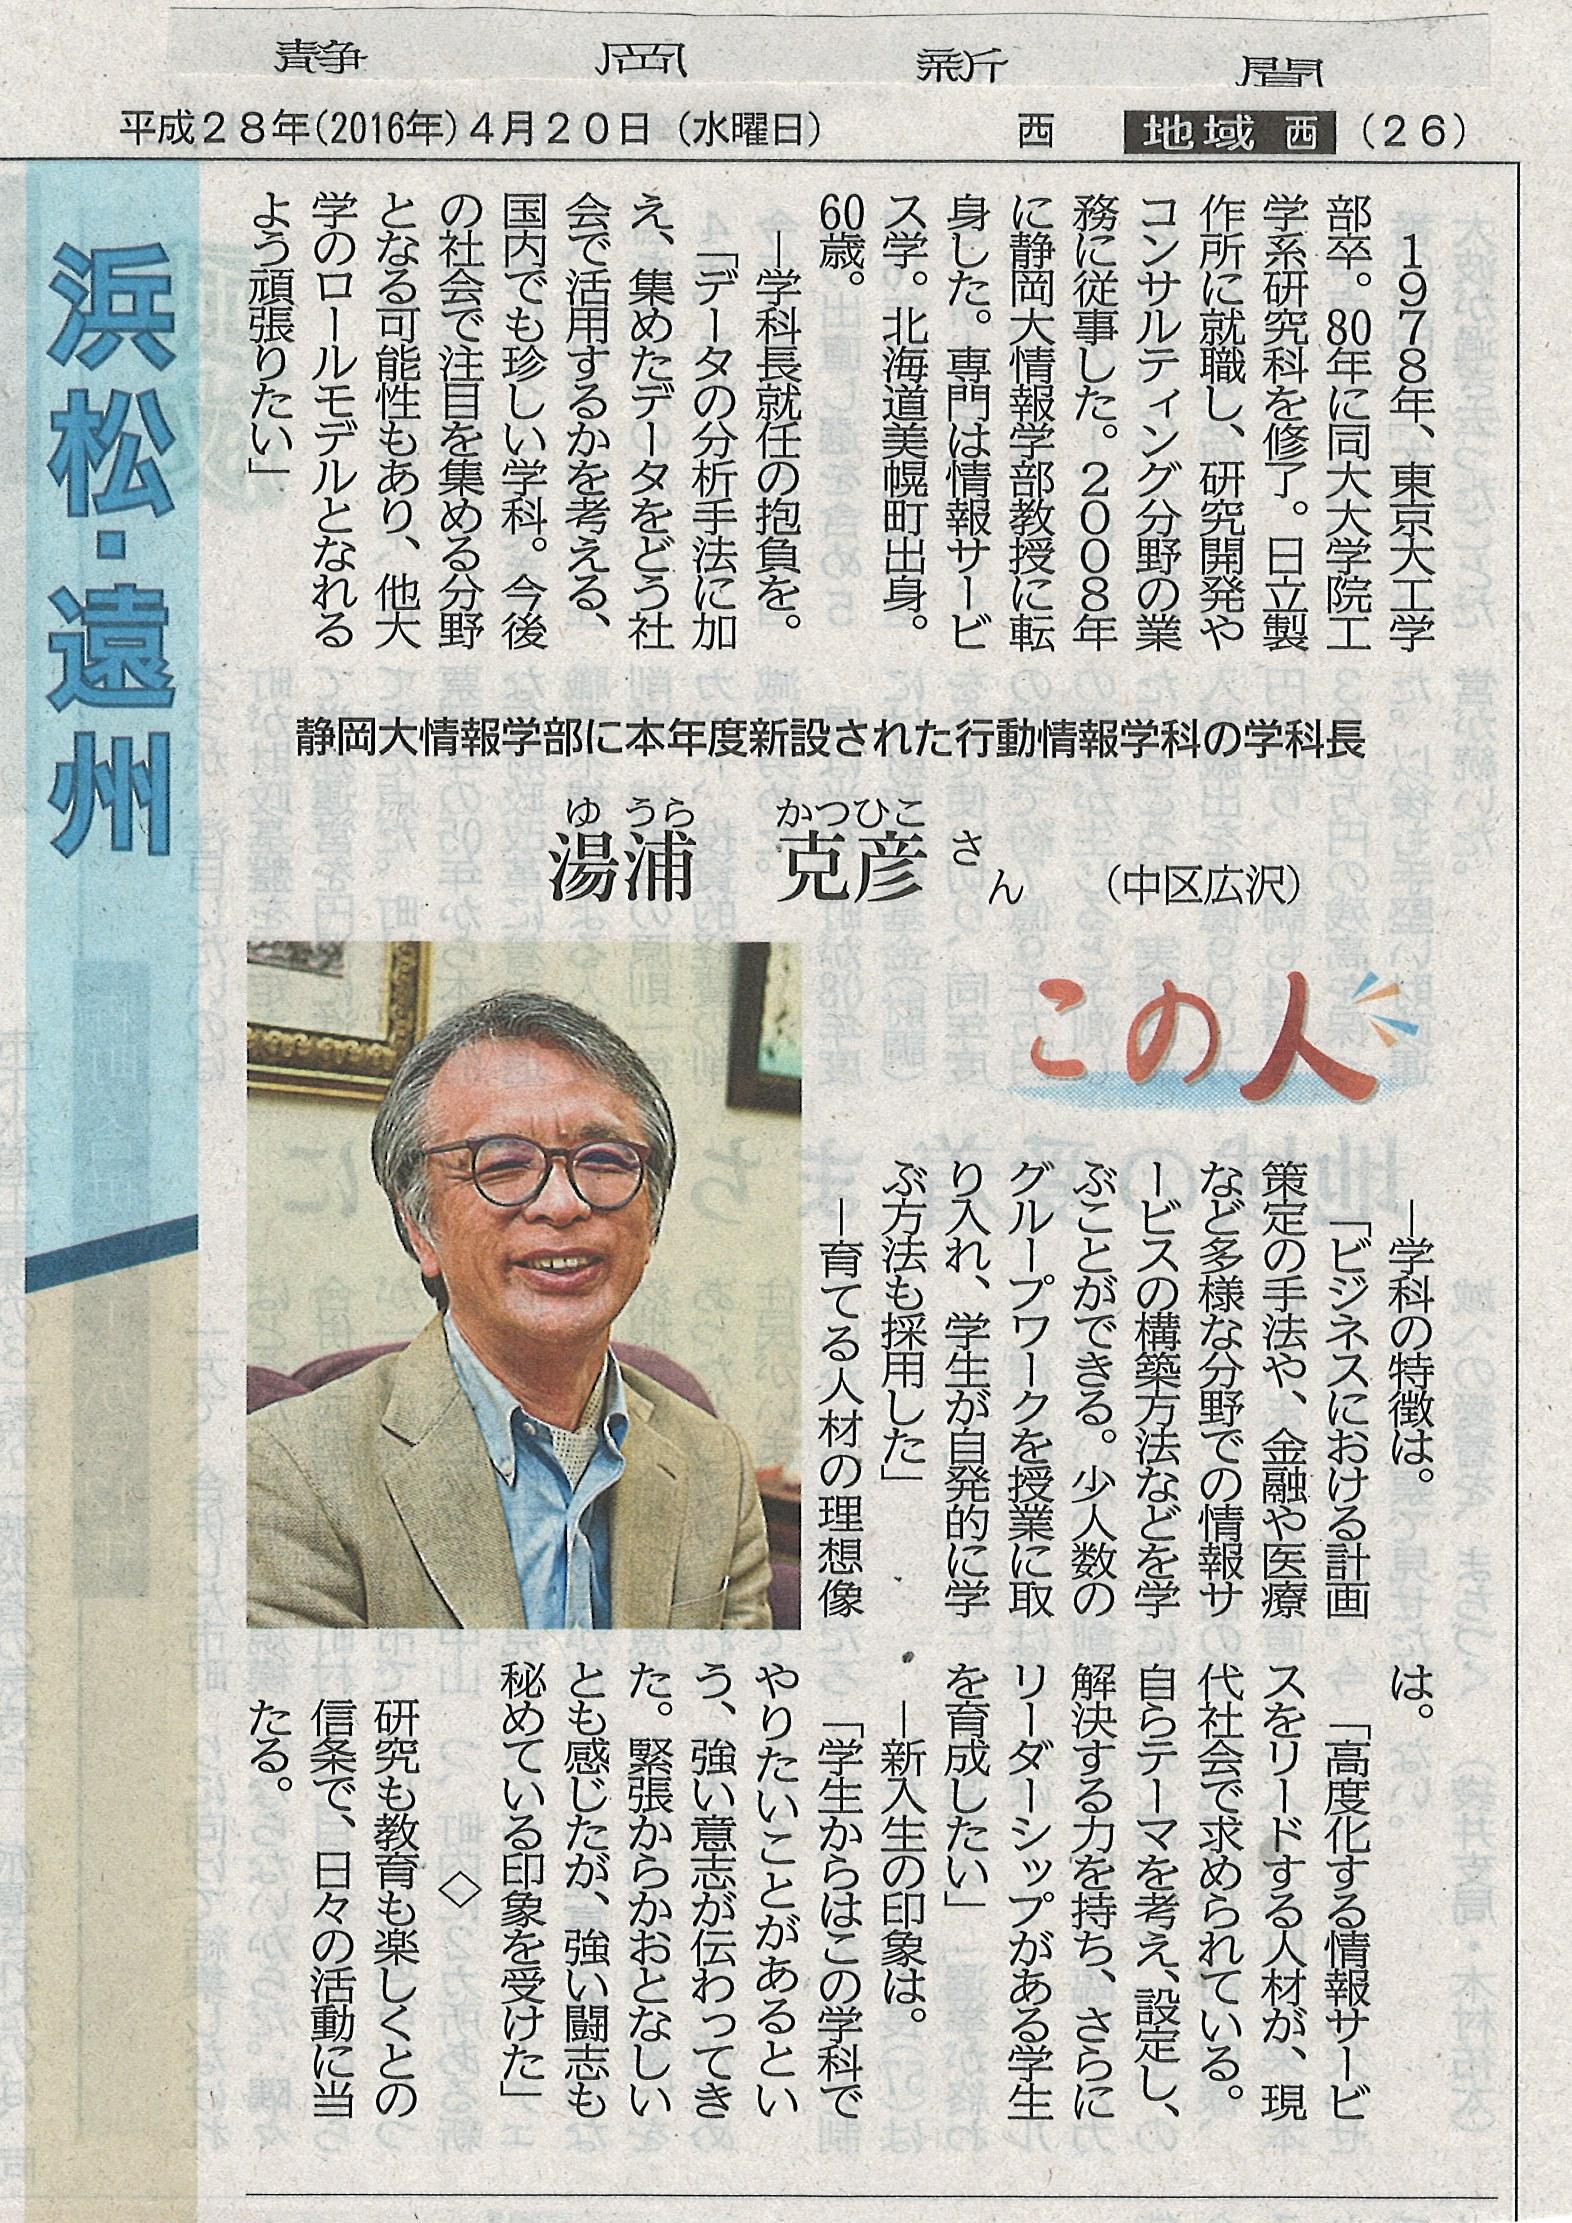 静岡新聞0420